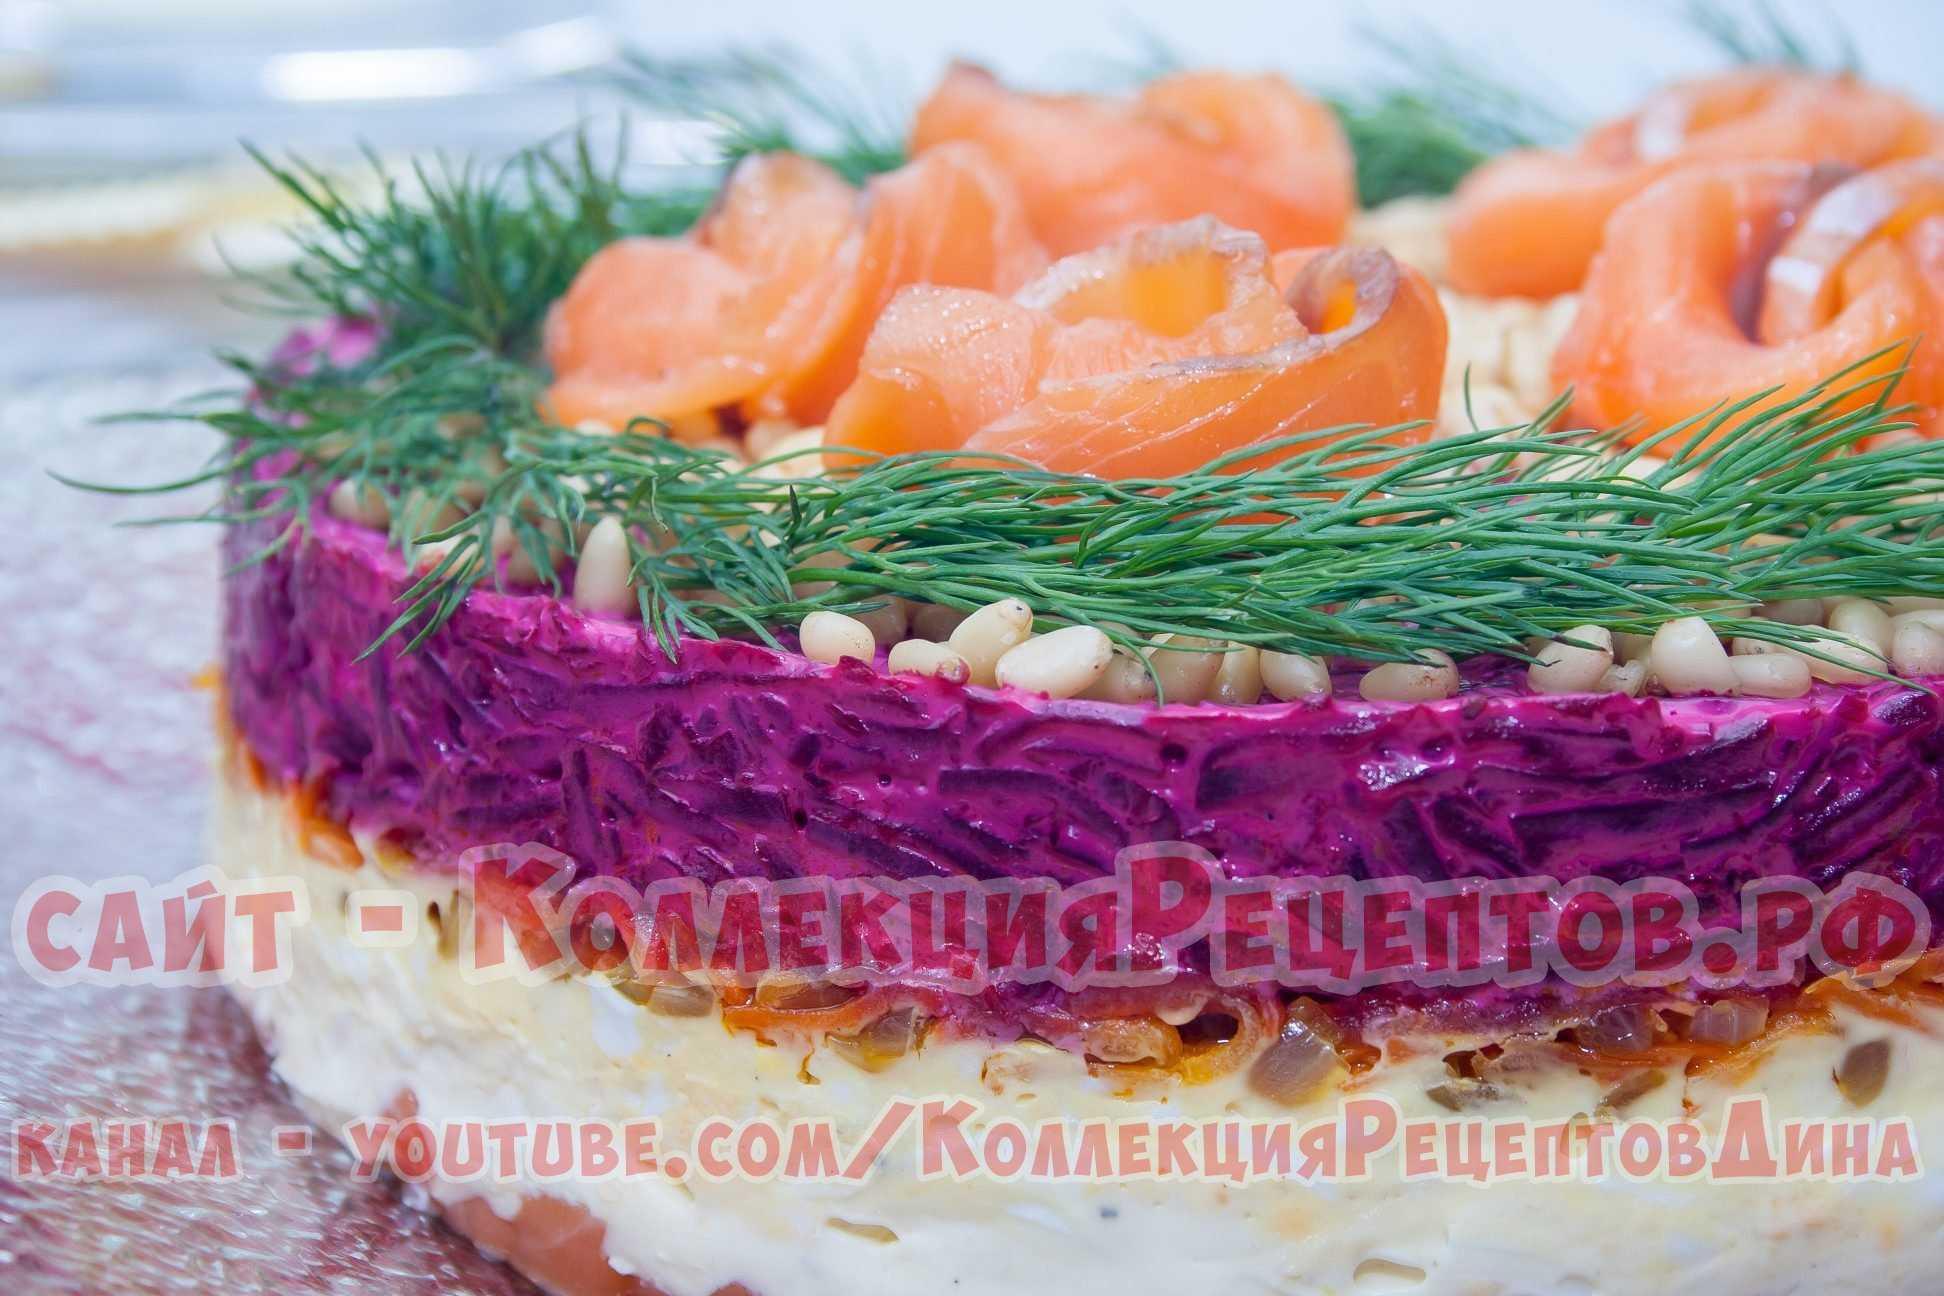 Царский салат с семгой — правильные рецепты. быстро и вкусно готовим царский салат с семгой.